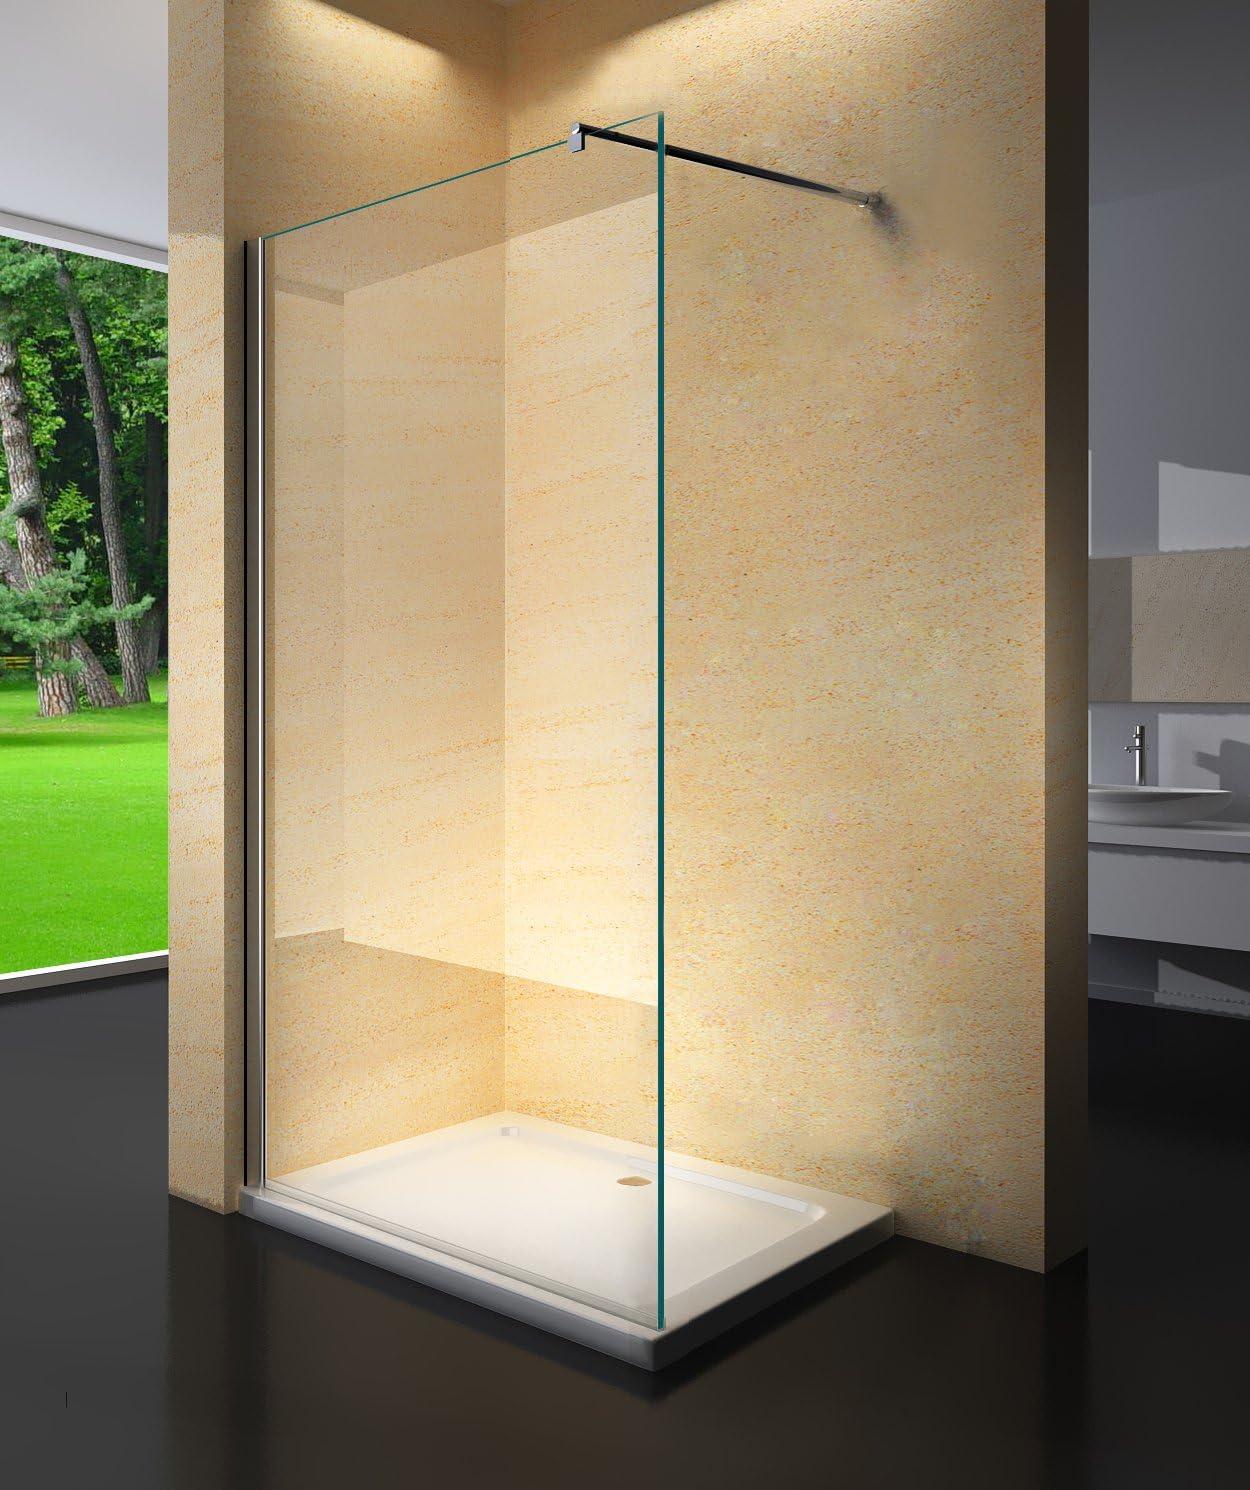 Yellowshop – Cristal para cabina de ducha fija Walk-in, mate, de 8 mm, transparente o con puntos.Medidas 70, 80, 100, 120 , y 140 cm., transparente: Amazon.es: Bricolaje y herramientas